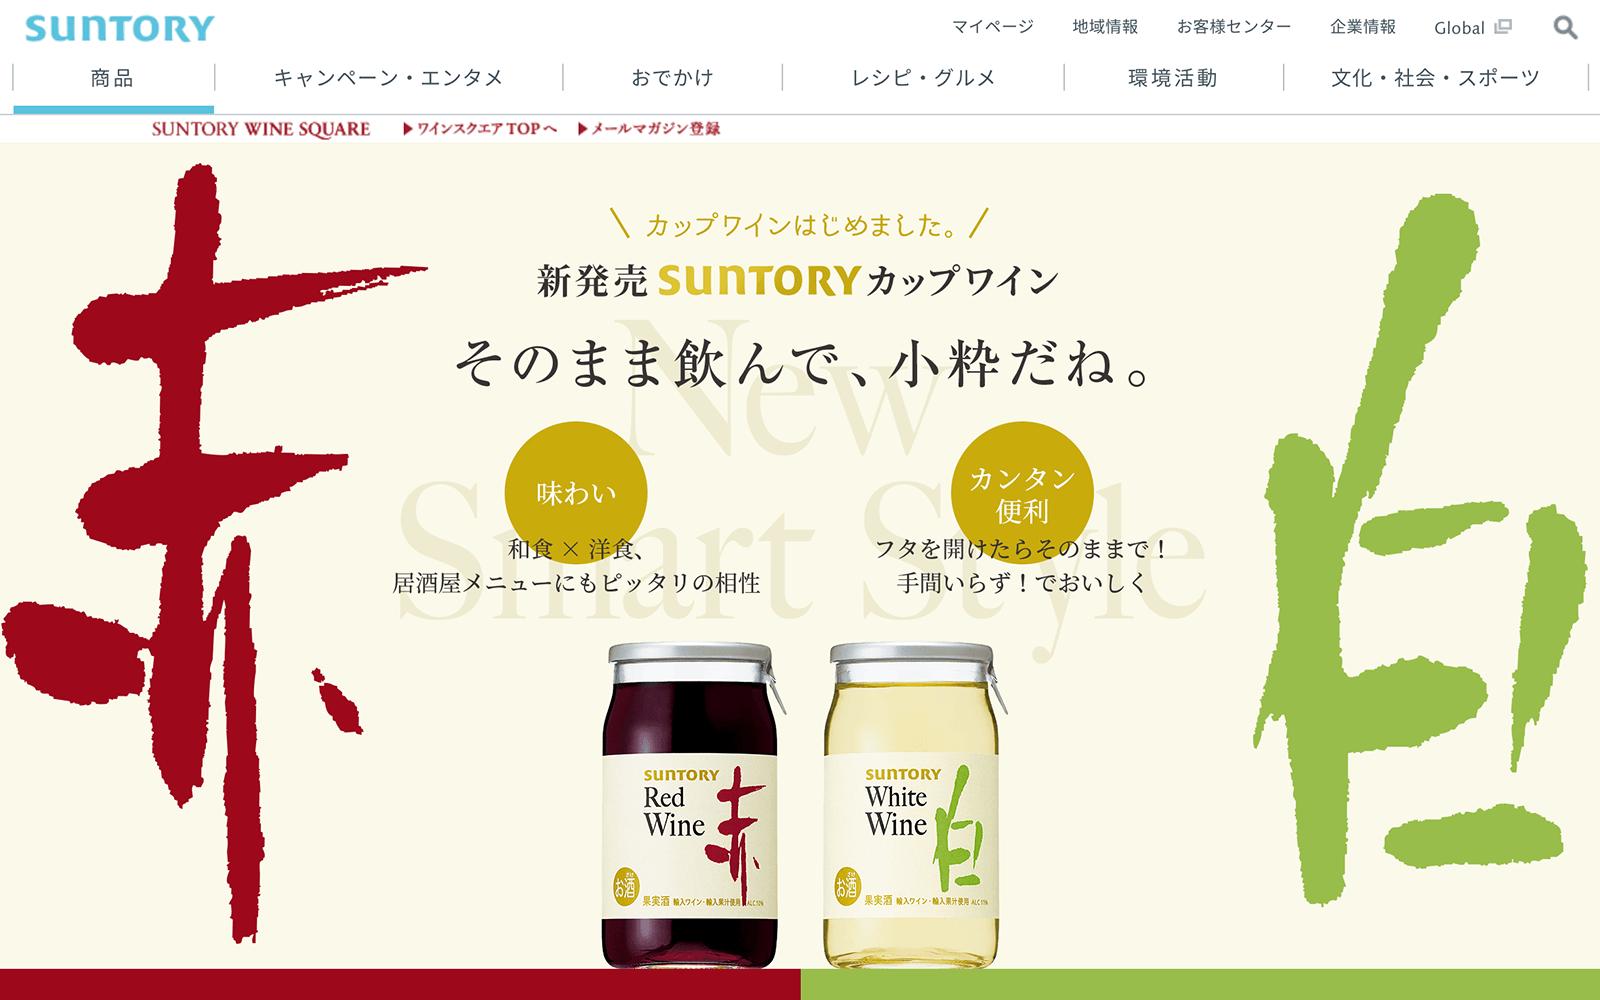 サントリー「カップワイン」プロダクトページ